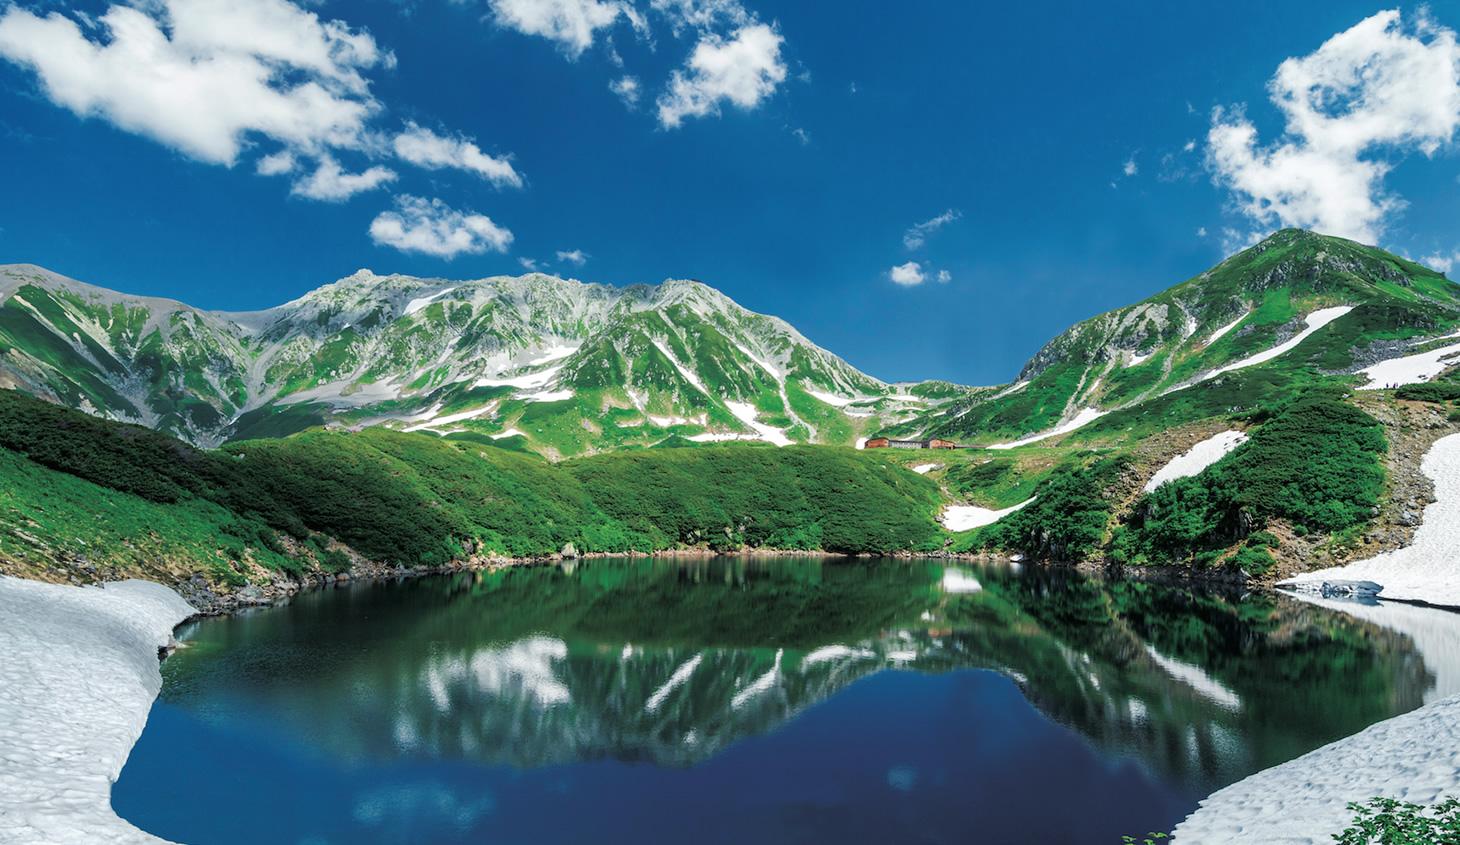 立山黒部アルペンルートの絶景